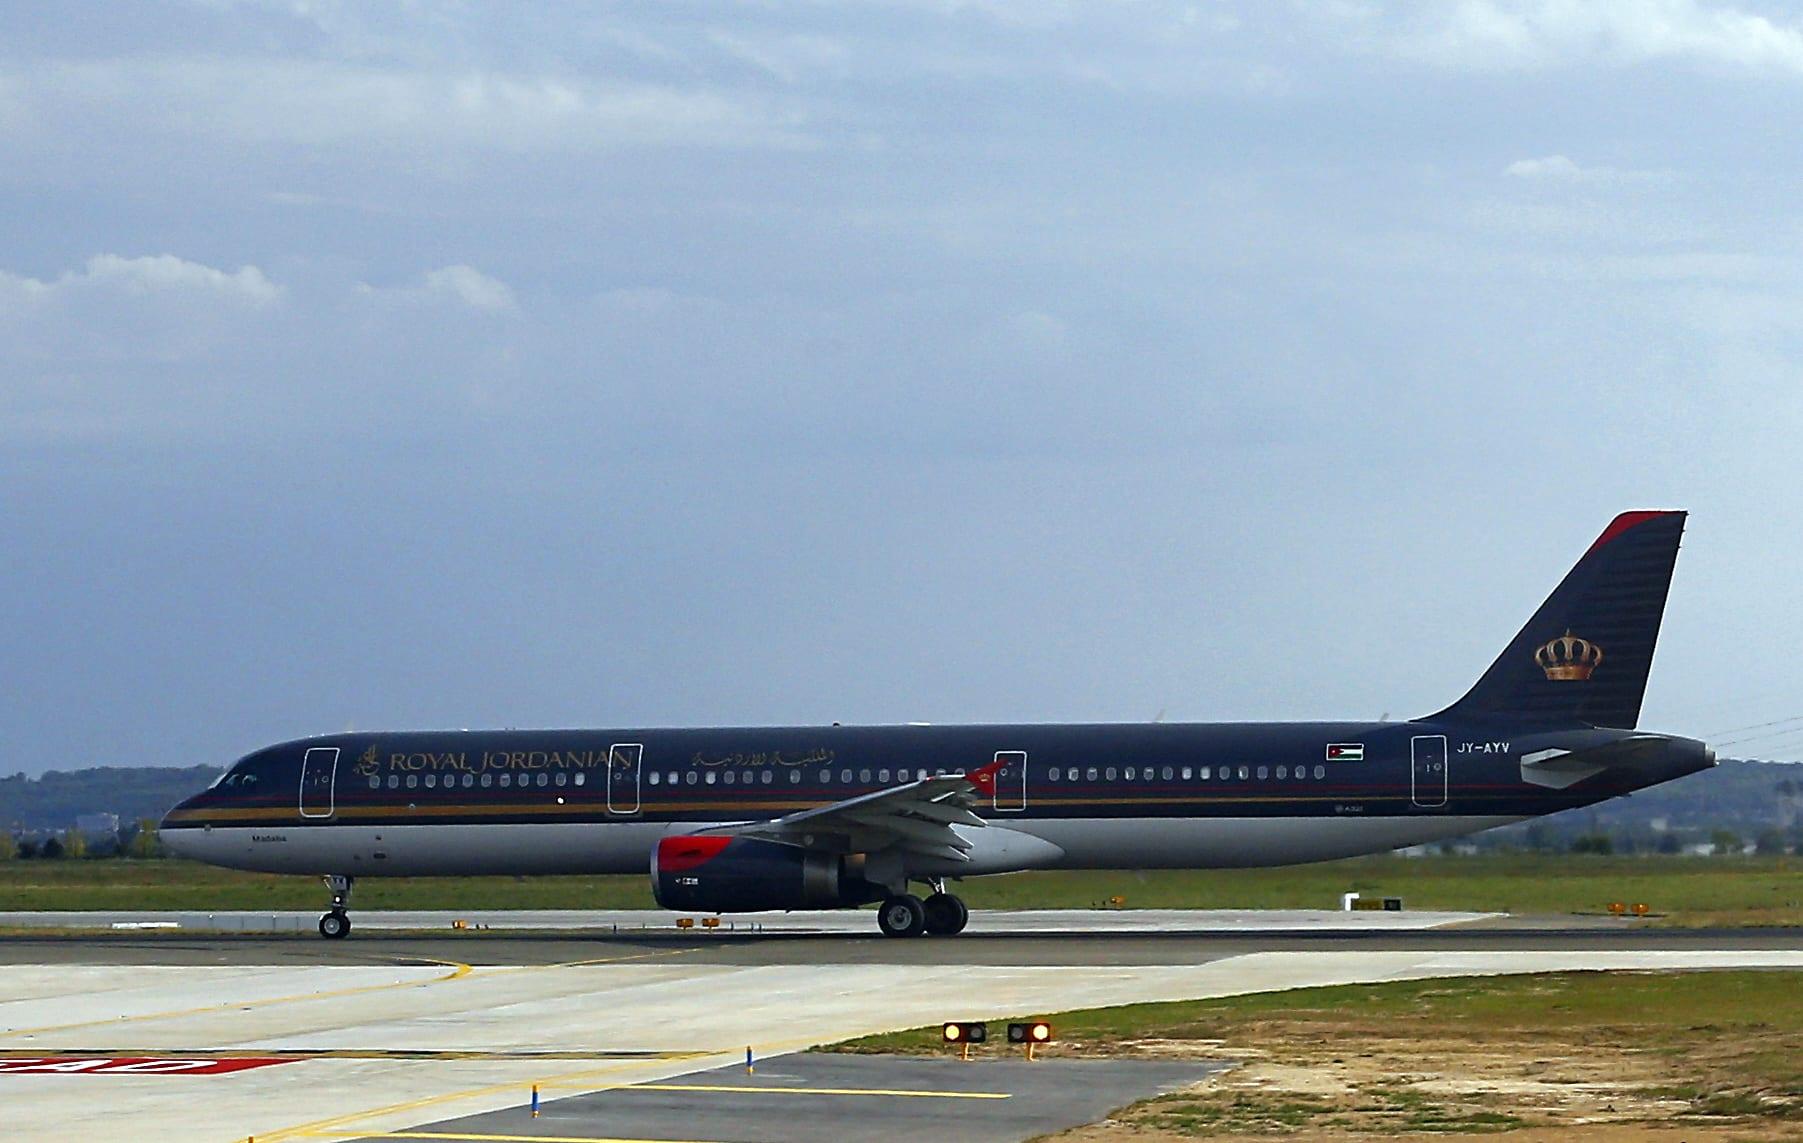 صورة ارشيفية لطائرة تابعة للخطوط الجوية الملكية الأردنية